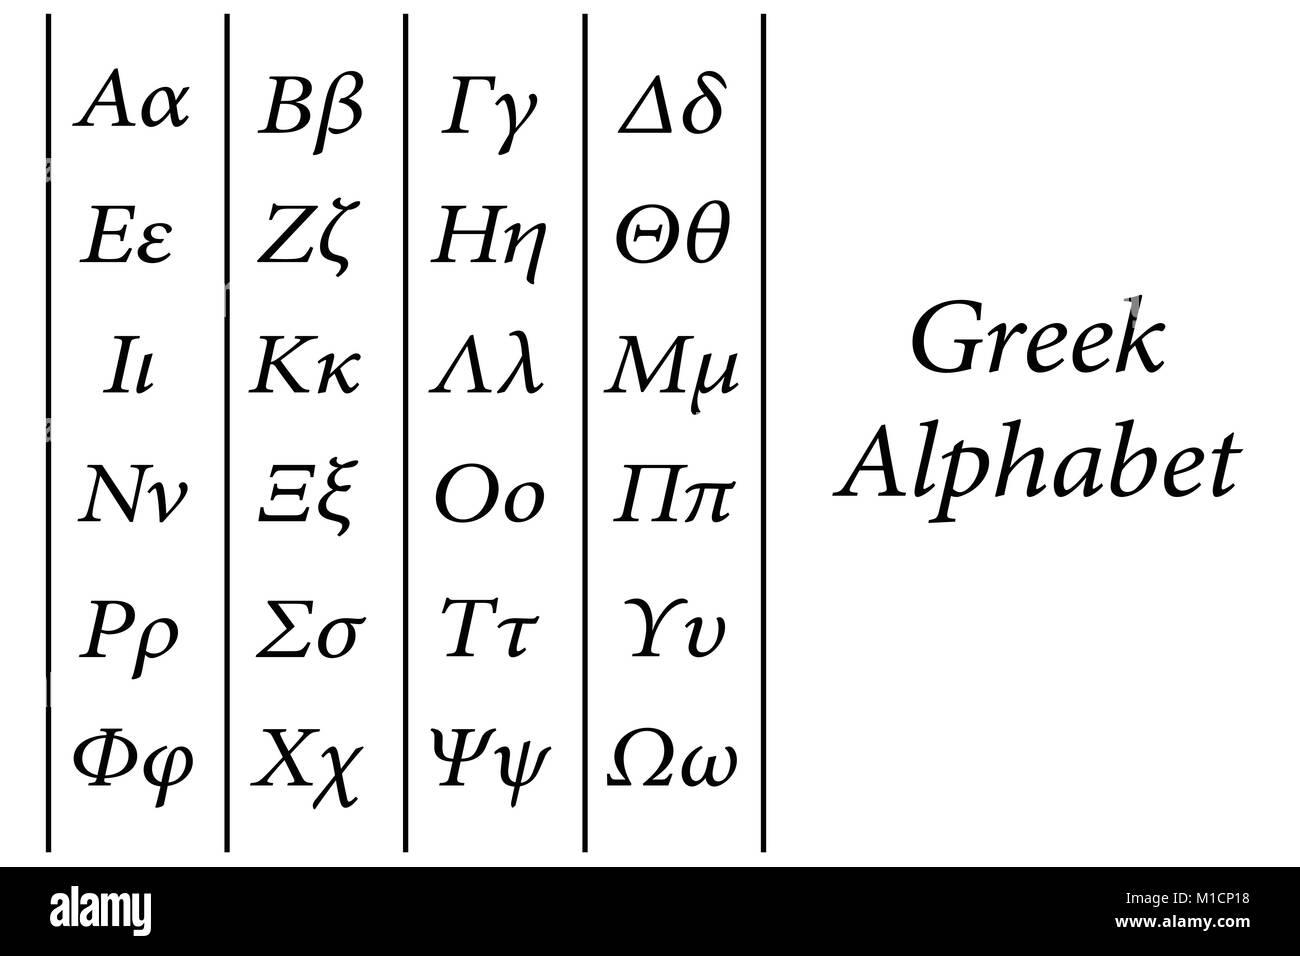 époustouflant Alphabet grec vecteur avec les lettres majuscules et minuscules &YX_68